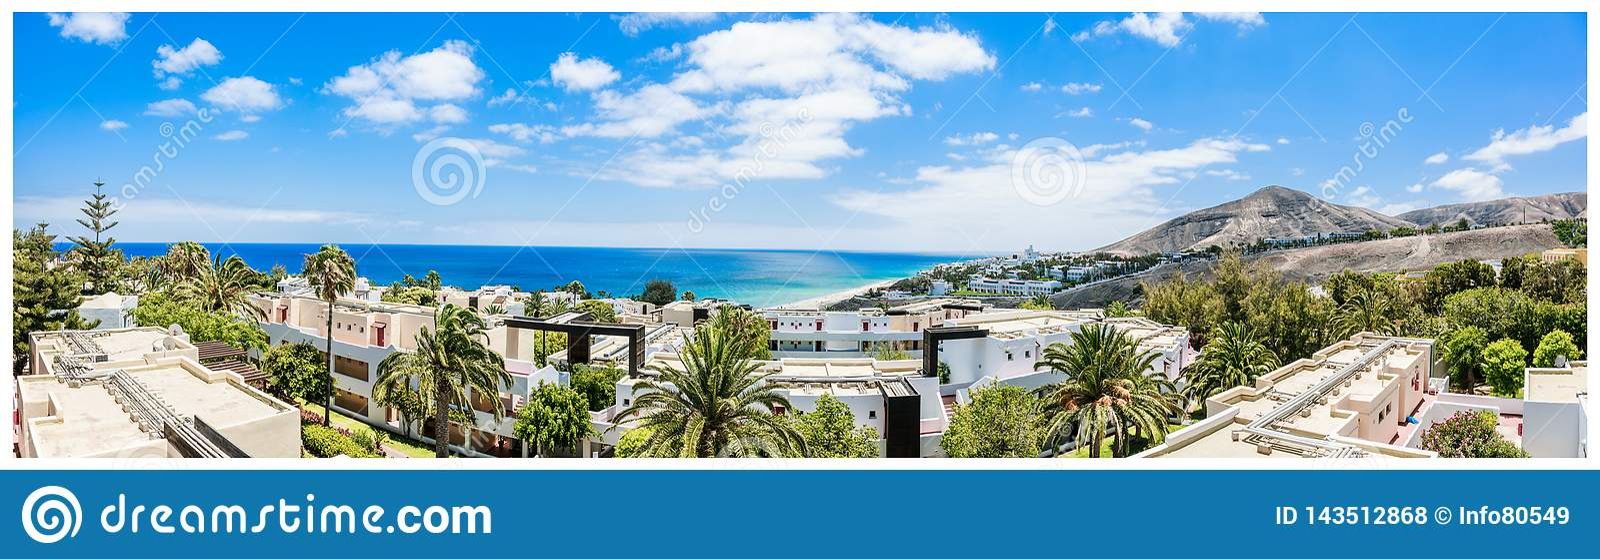 Vue ensoleillée de paysage de plage de Fuerteventura, Îles Canaries